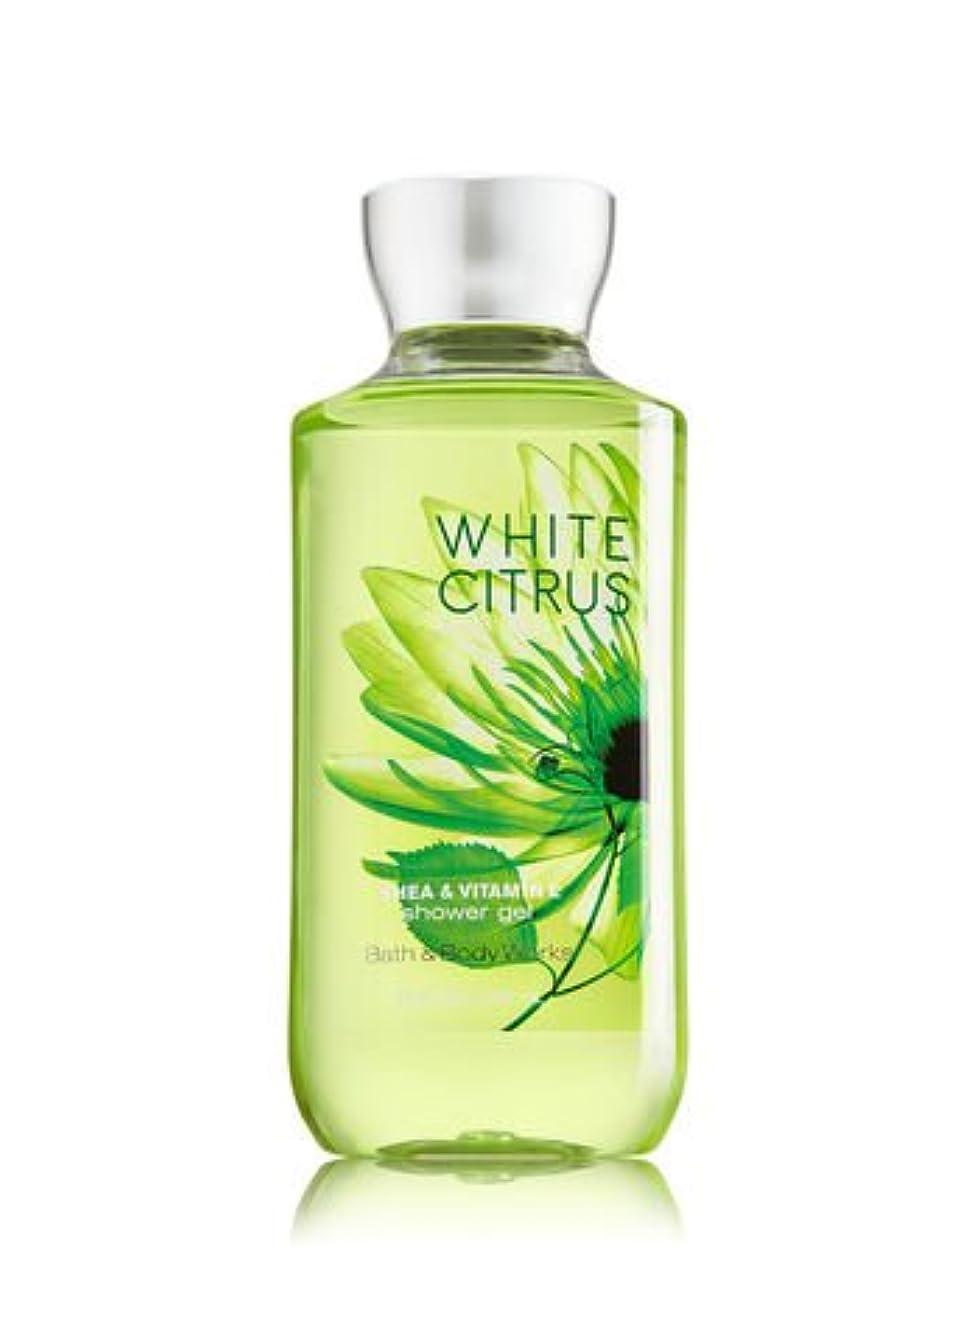 有料スラッシュ影響を受けやすいですバス&ボディワークス ホワイトシトラス シャワージェル White Citrus Shower Gel [並行輸入品]